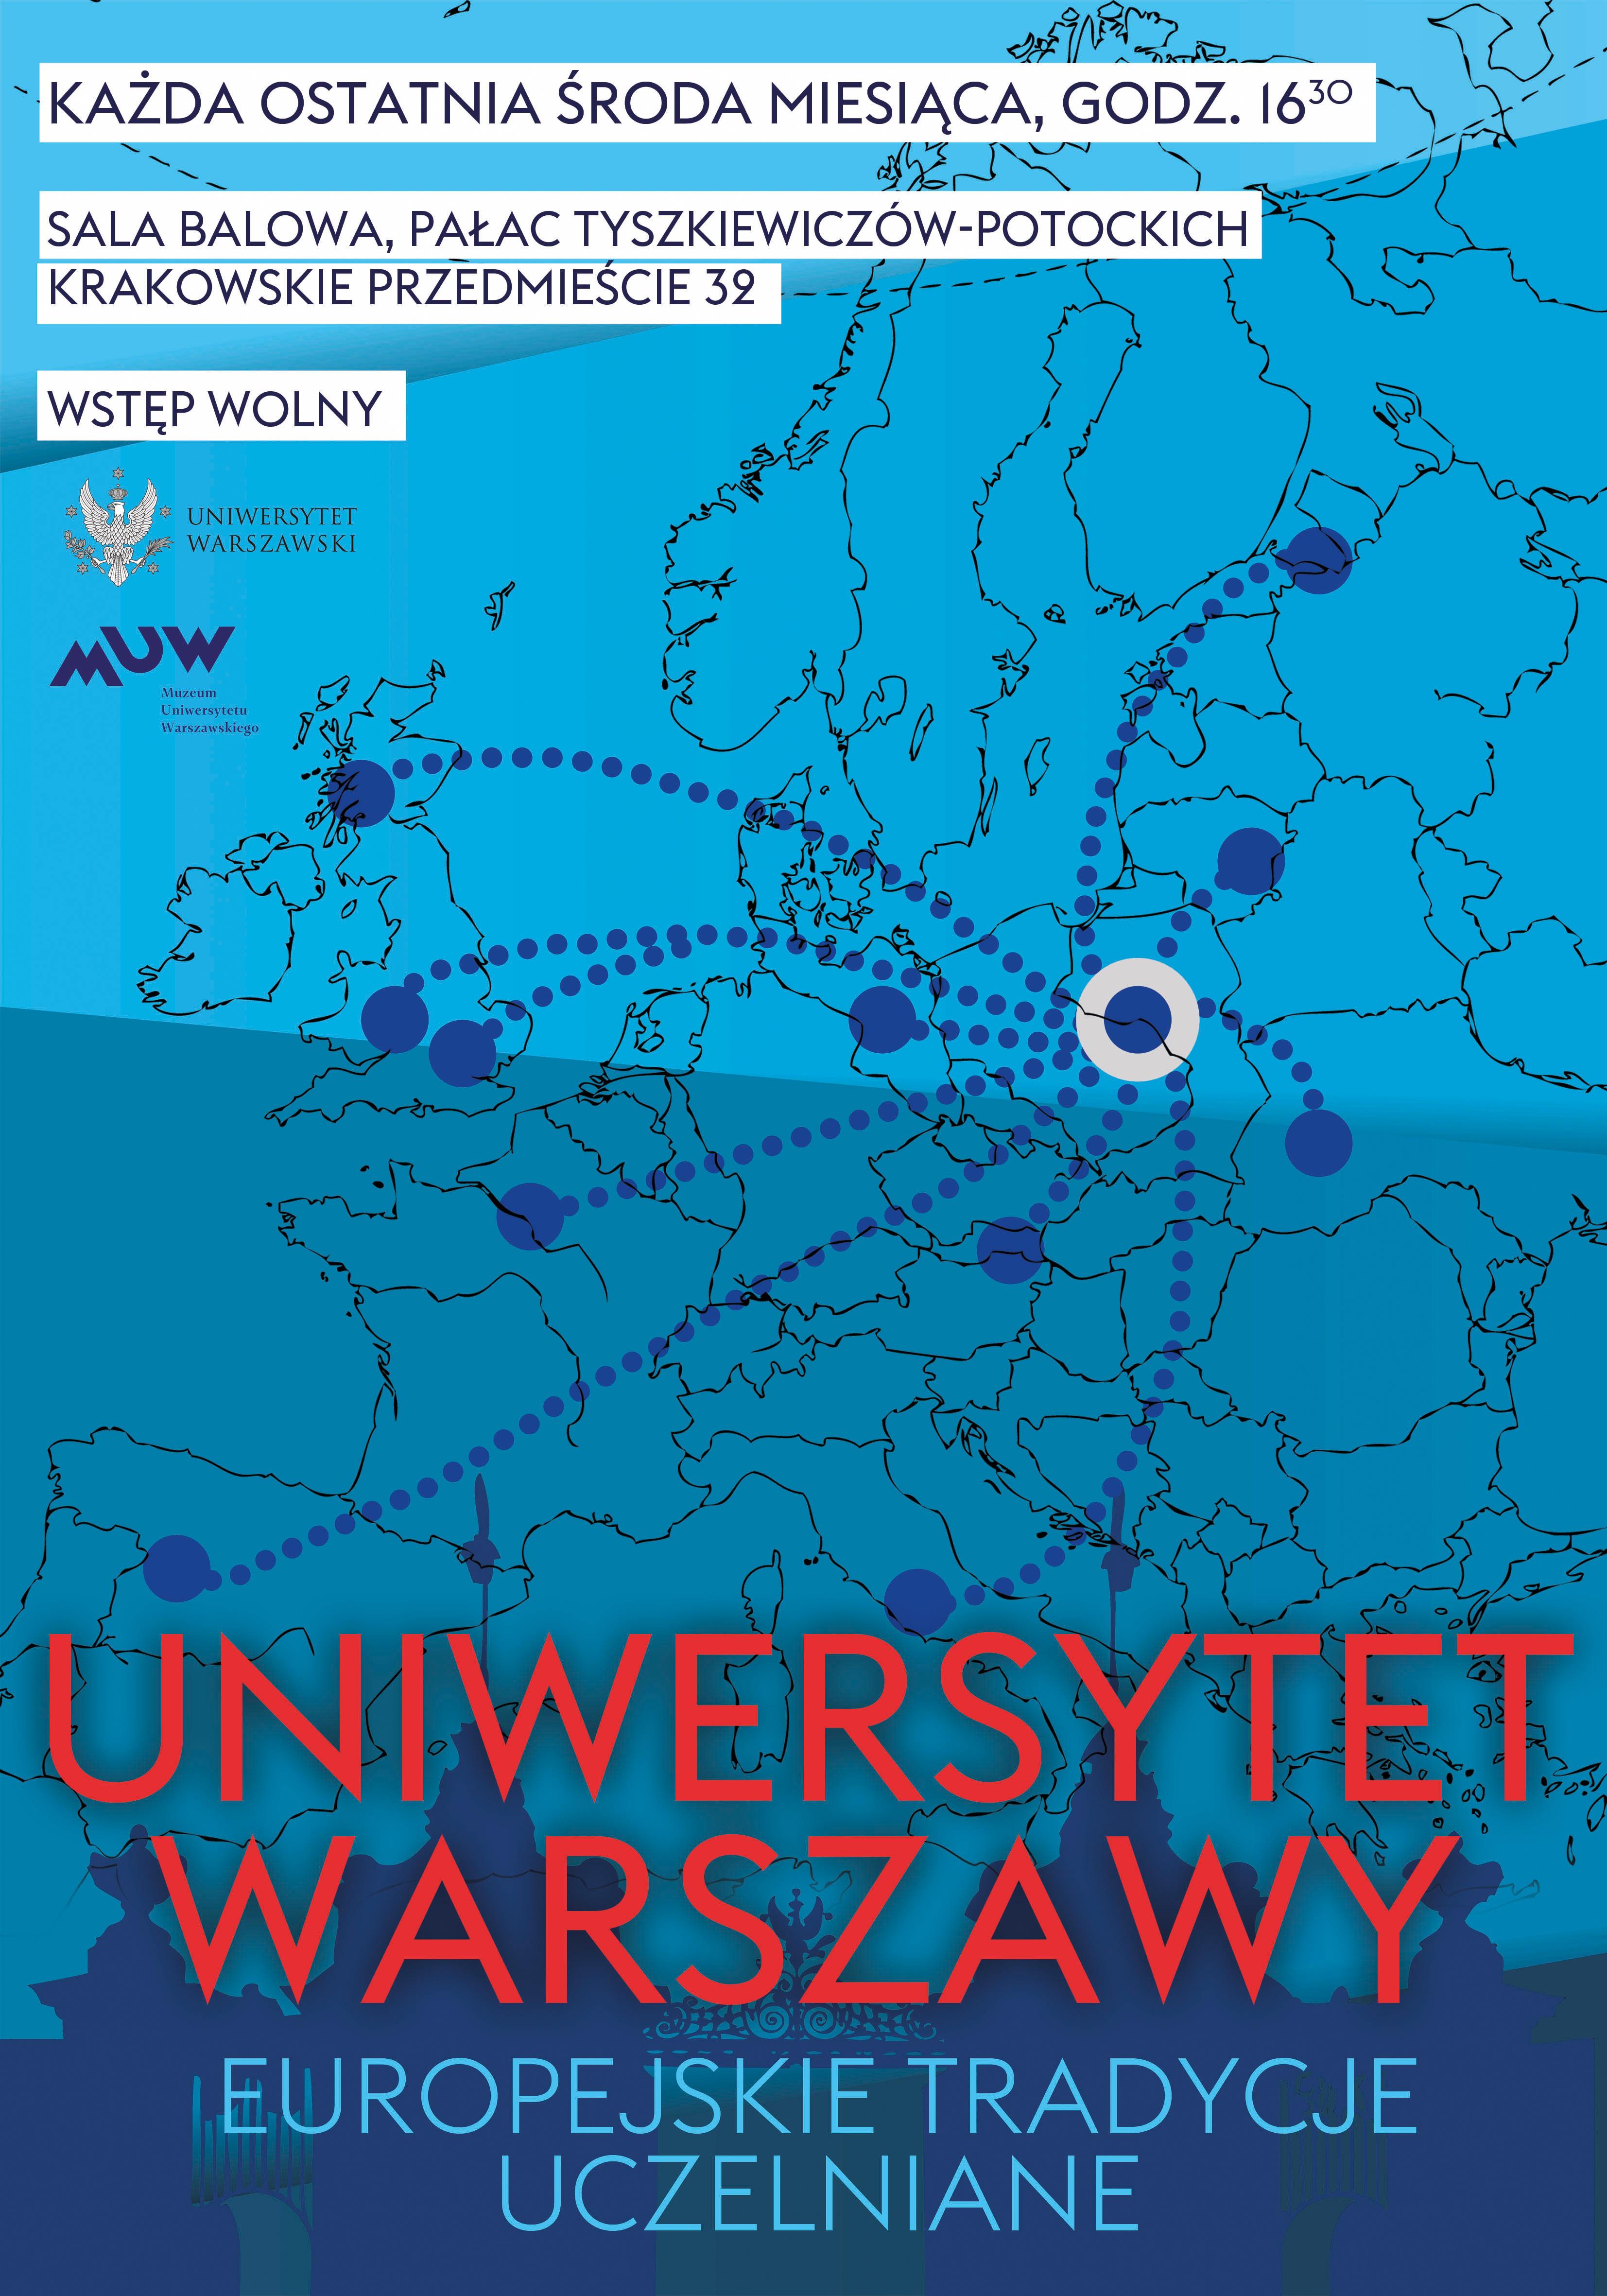 Plakat UW 2018